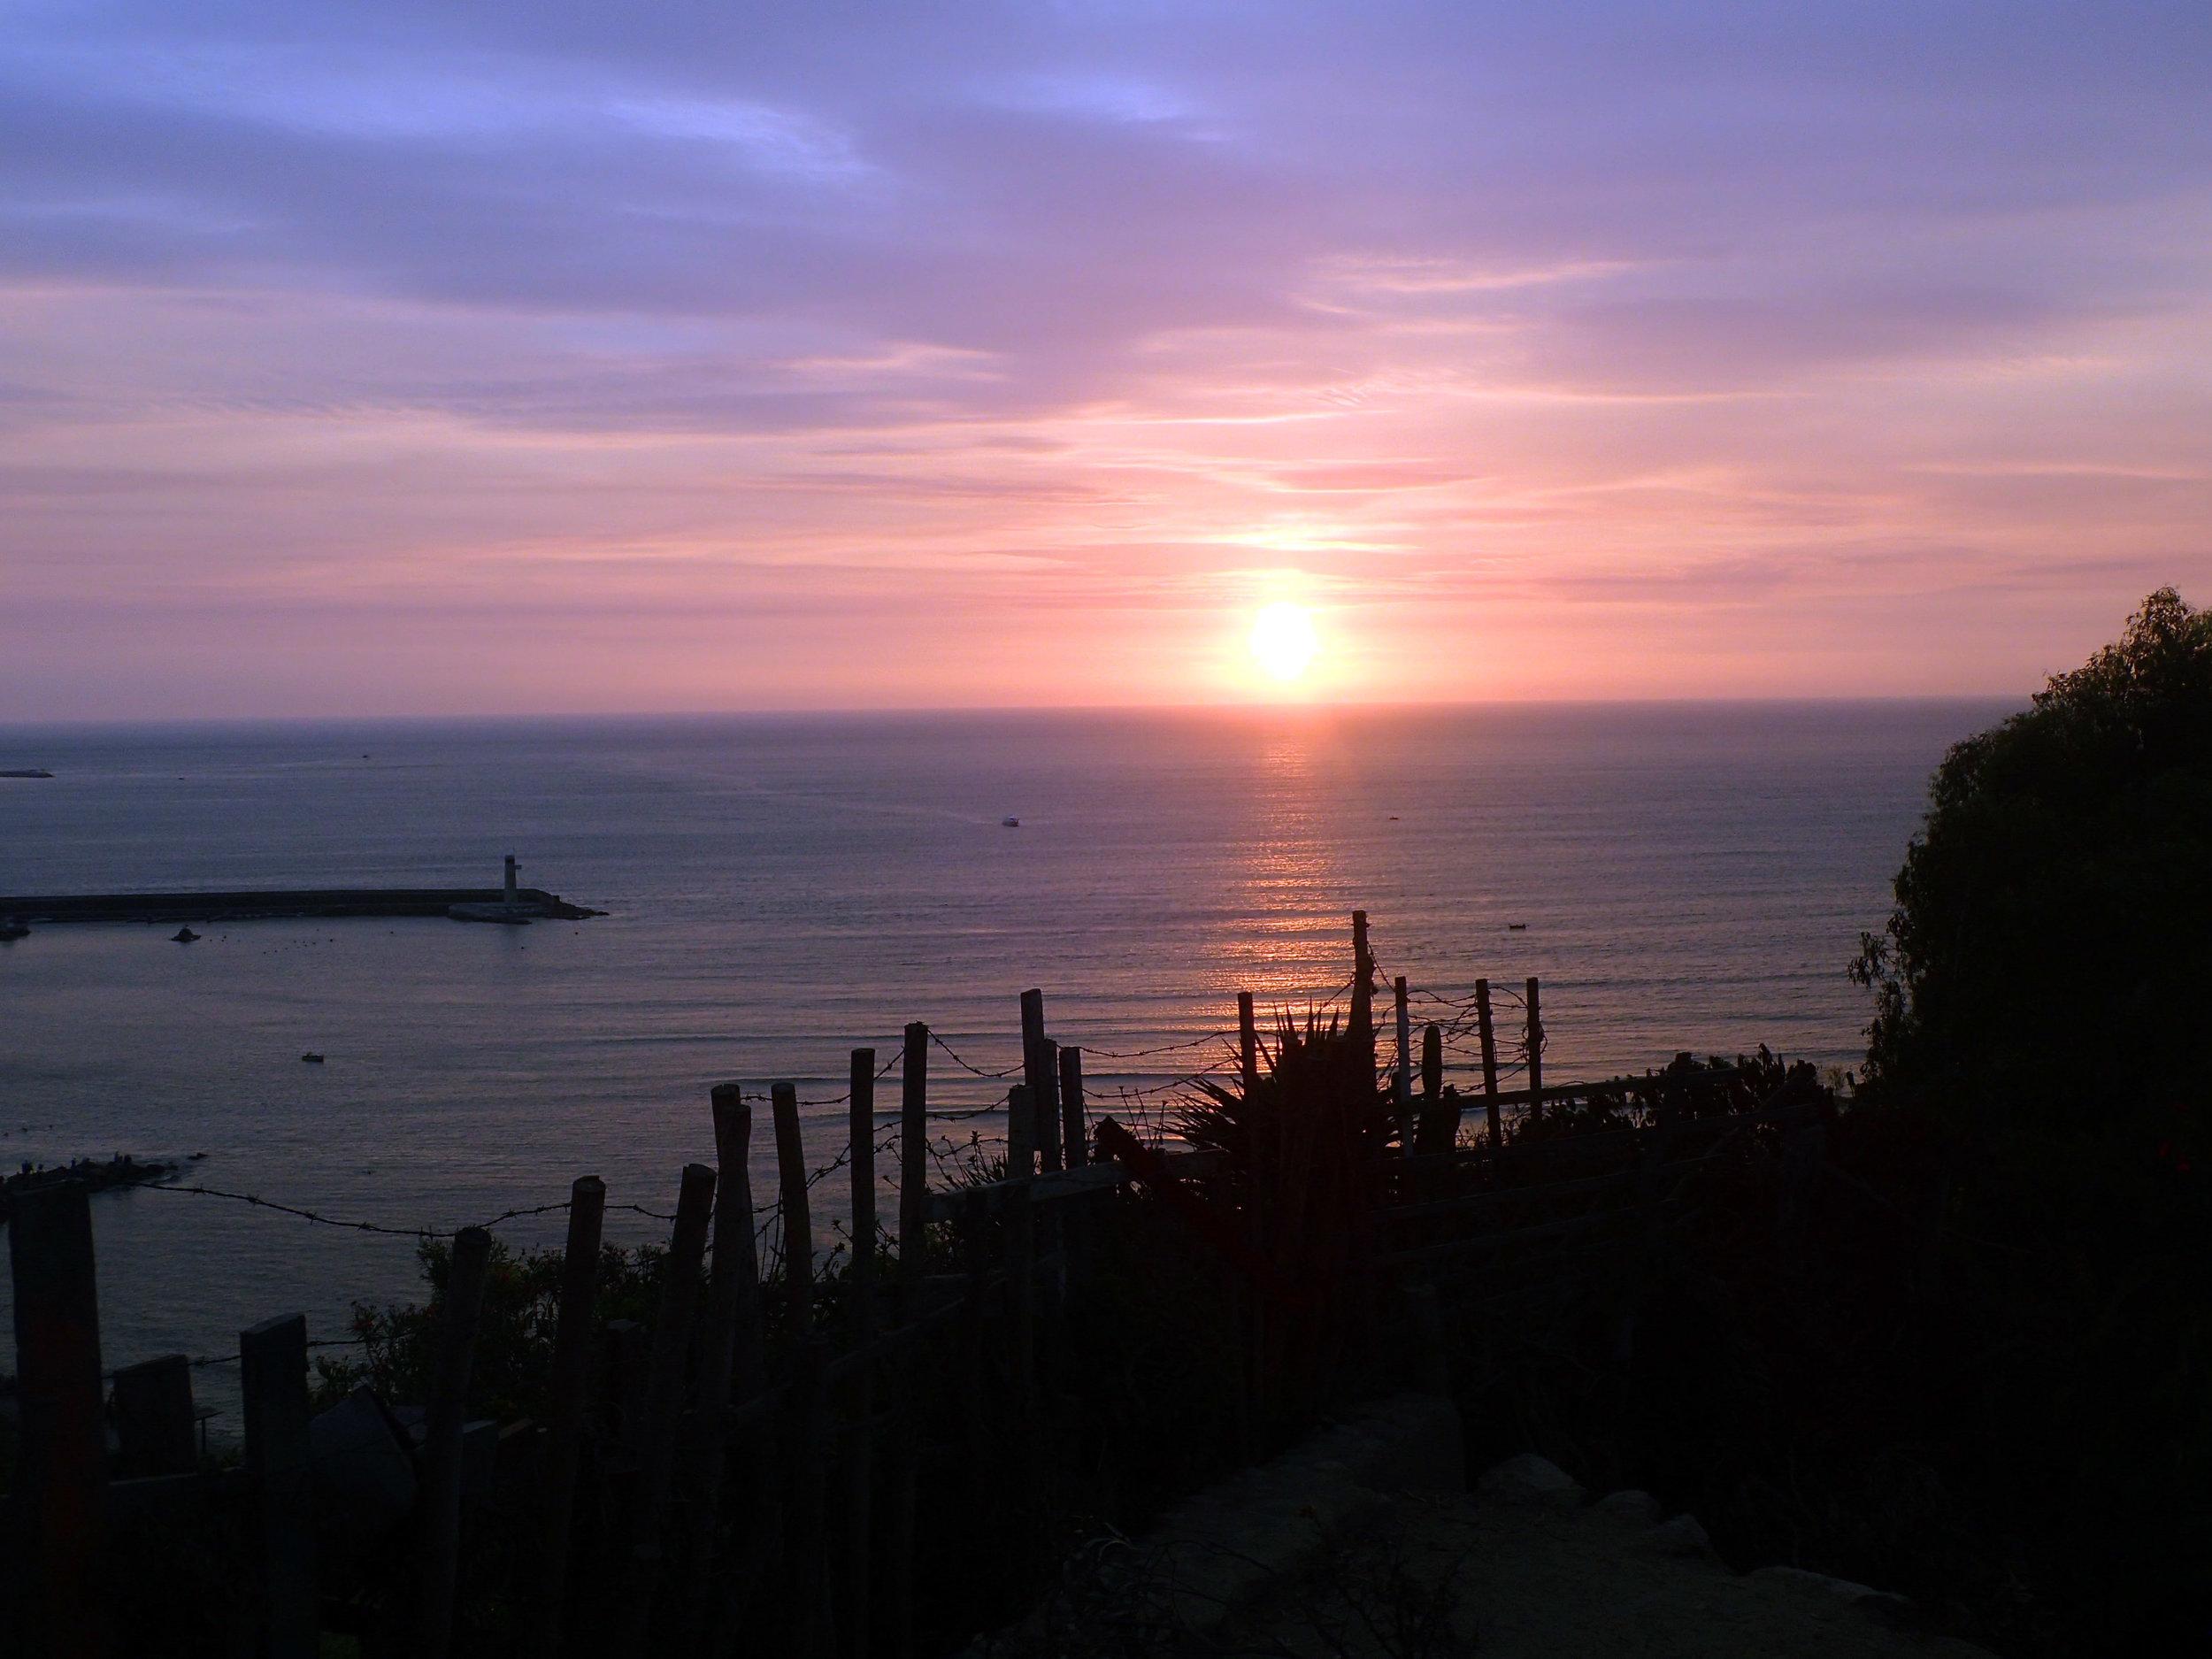 sunset Photoshopped.jpg